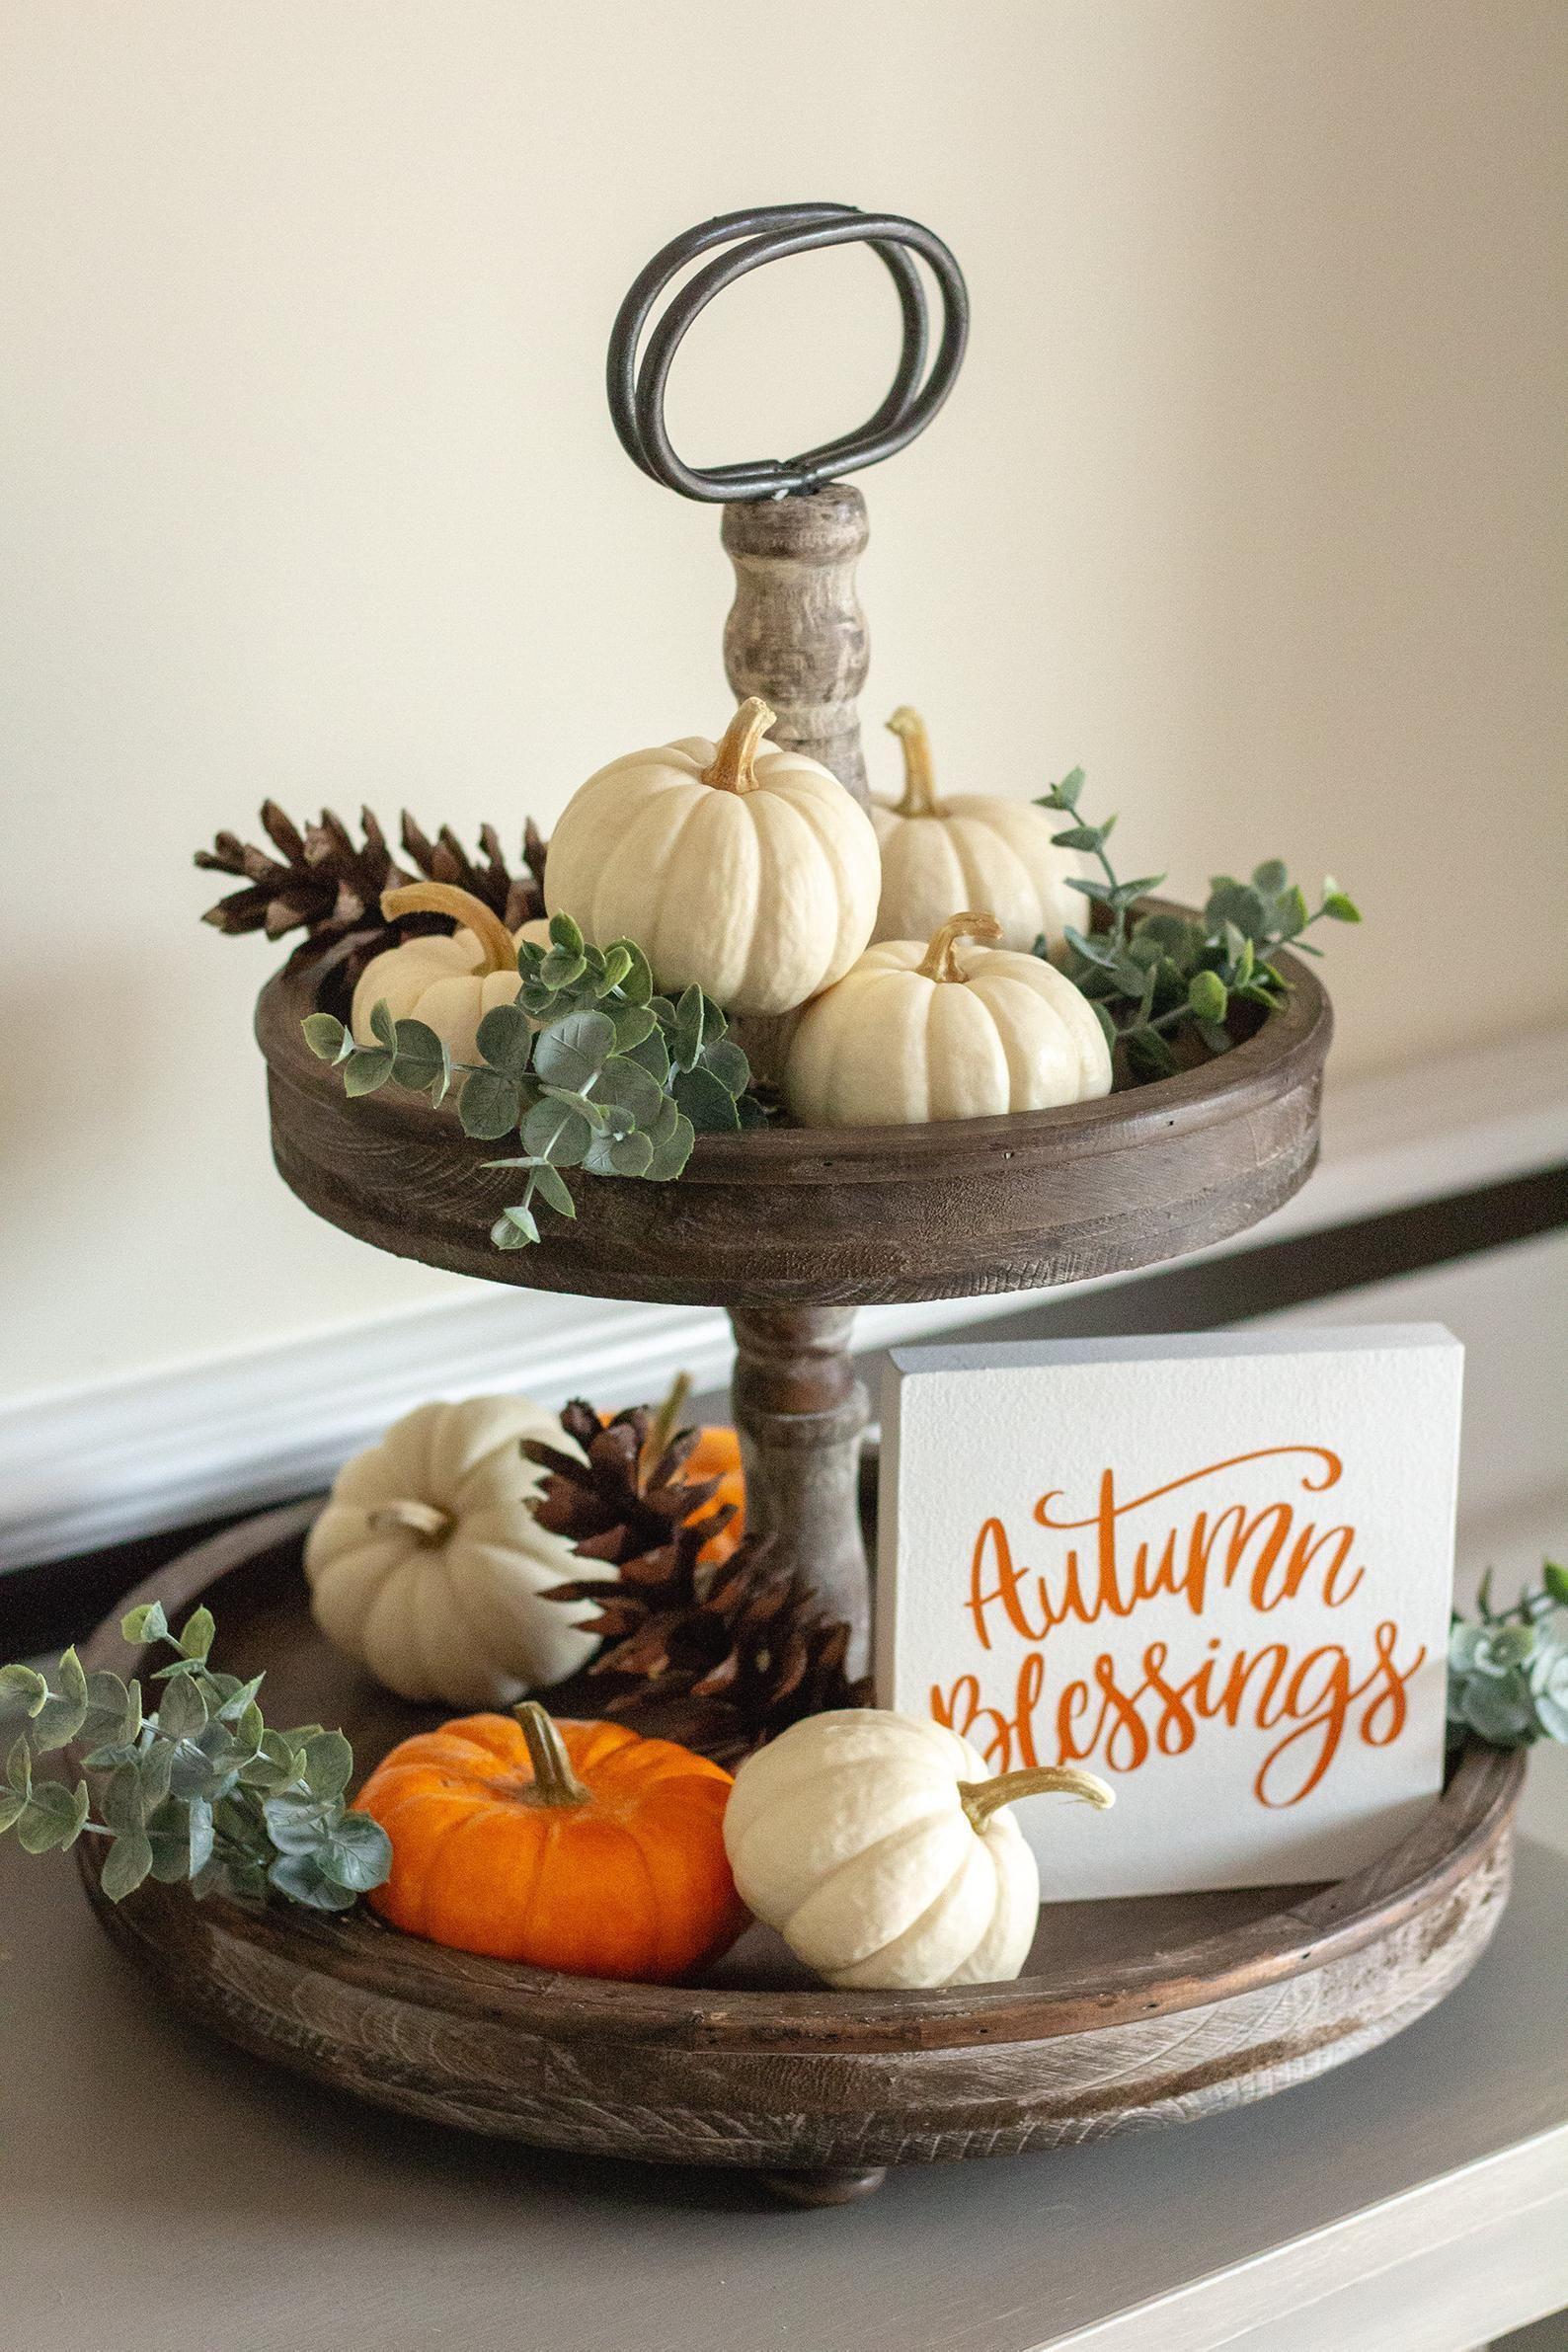 Autumn Gifts-Tiered Tray Sign-Fall Table Decor-Fall Home Decor-Autumn Blessing-Tiered Tray Fall Decor-Housewarming Gift-Thanksgiving Decor #falldecor